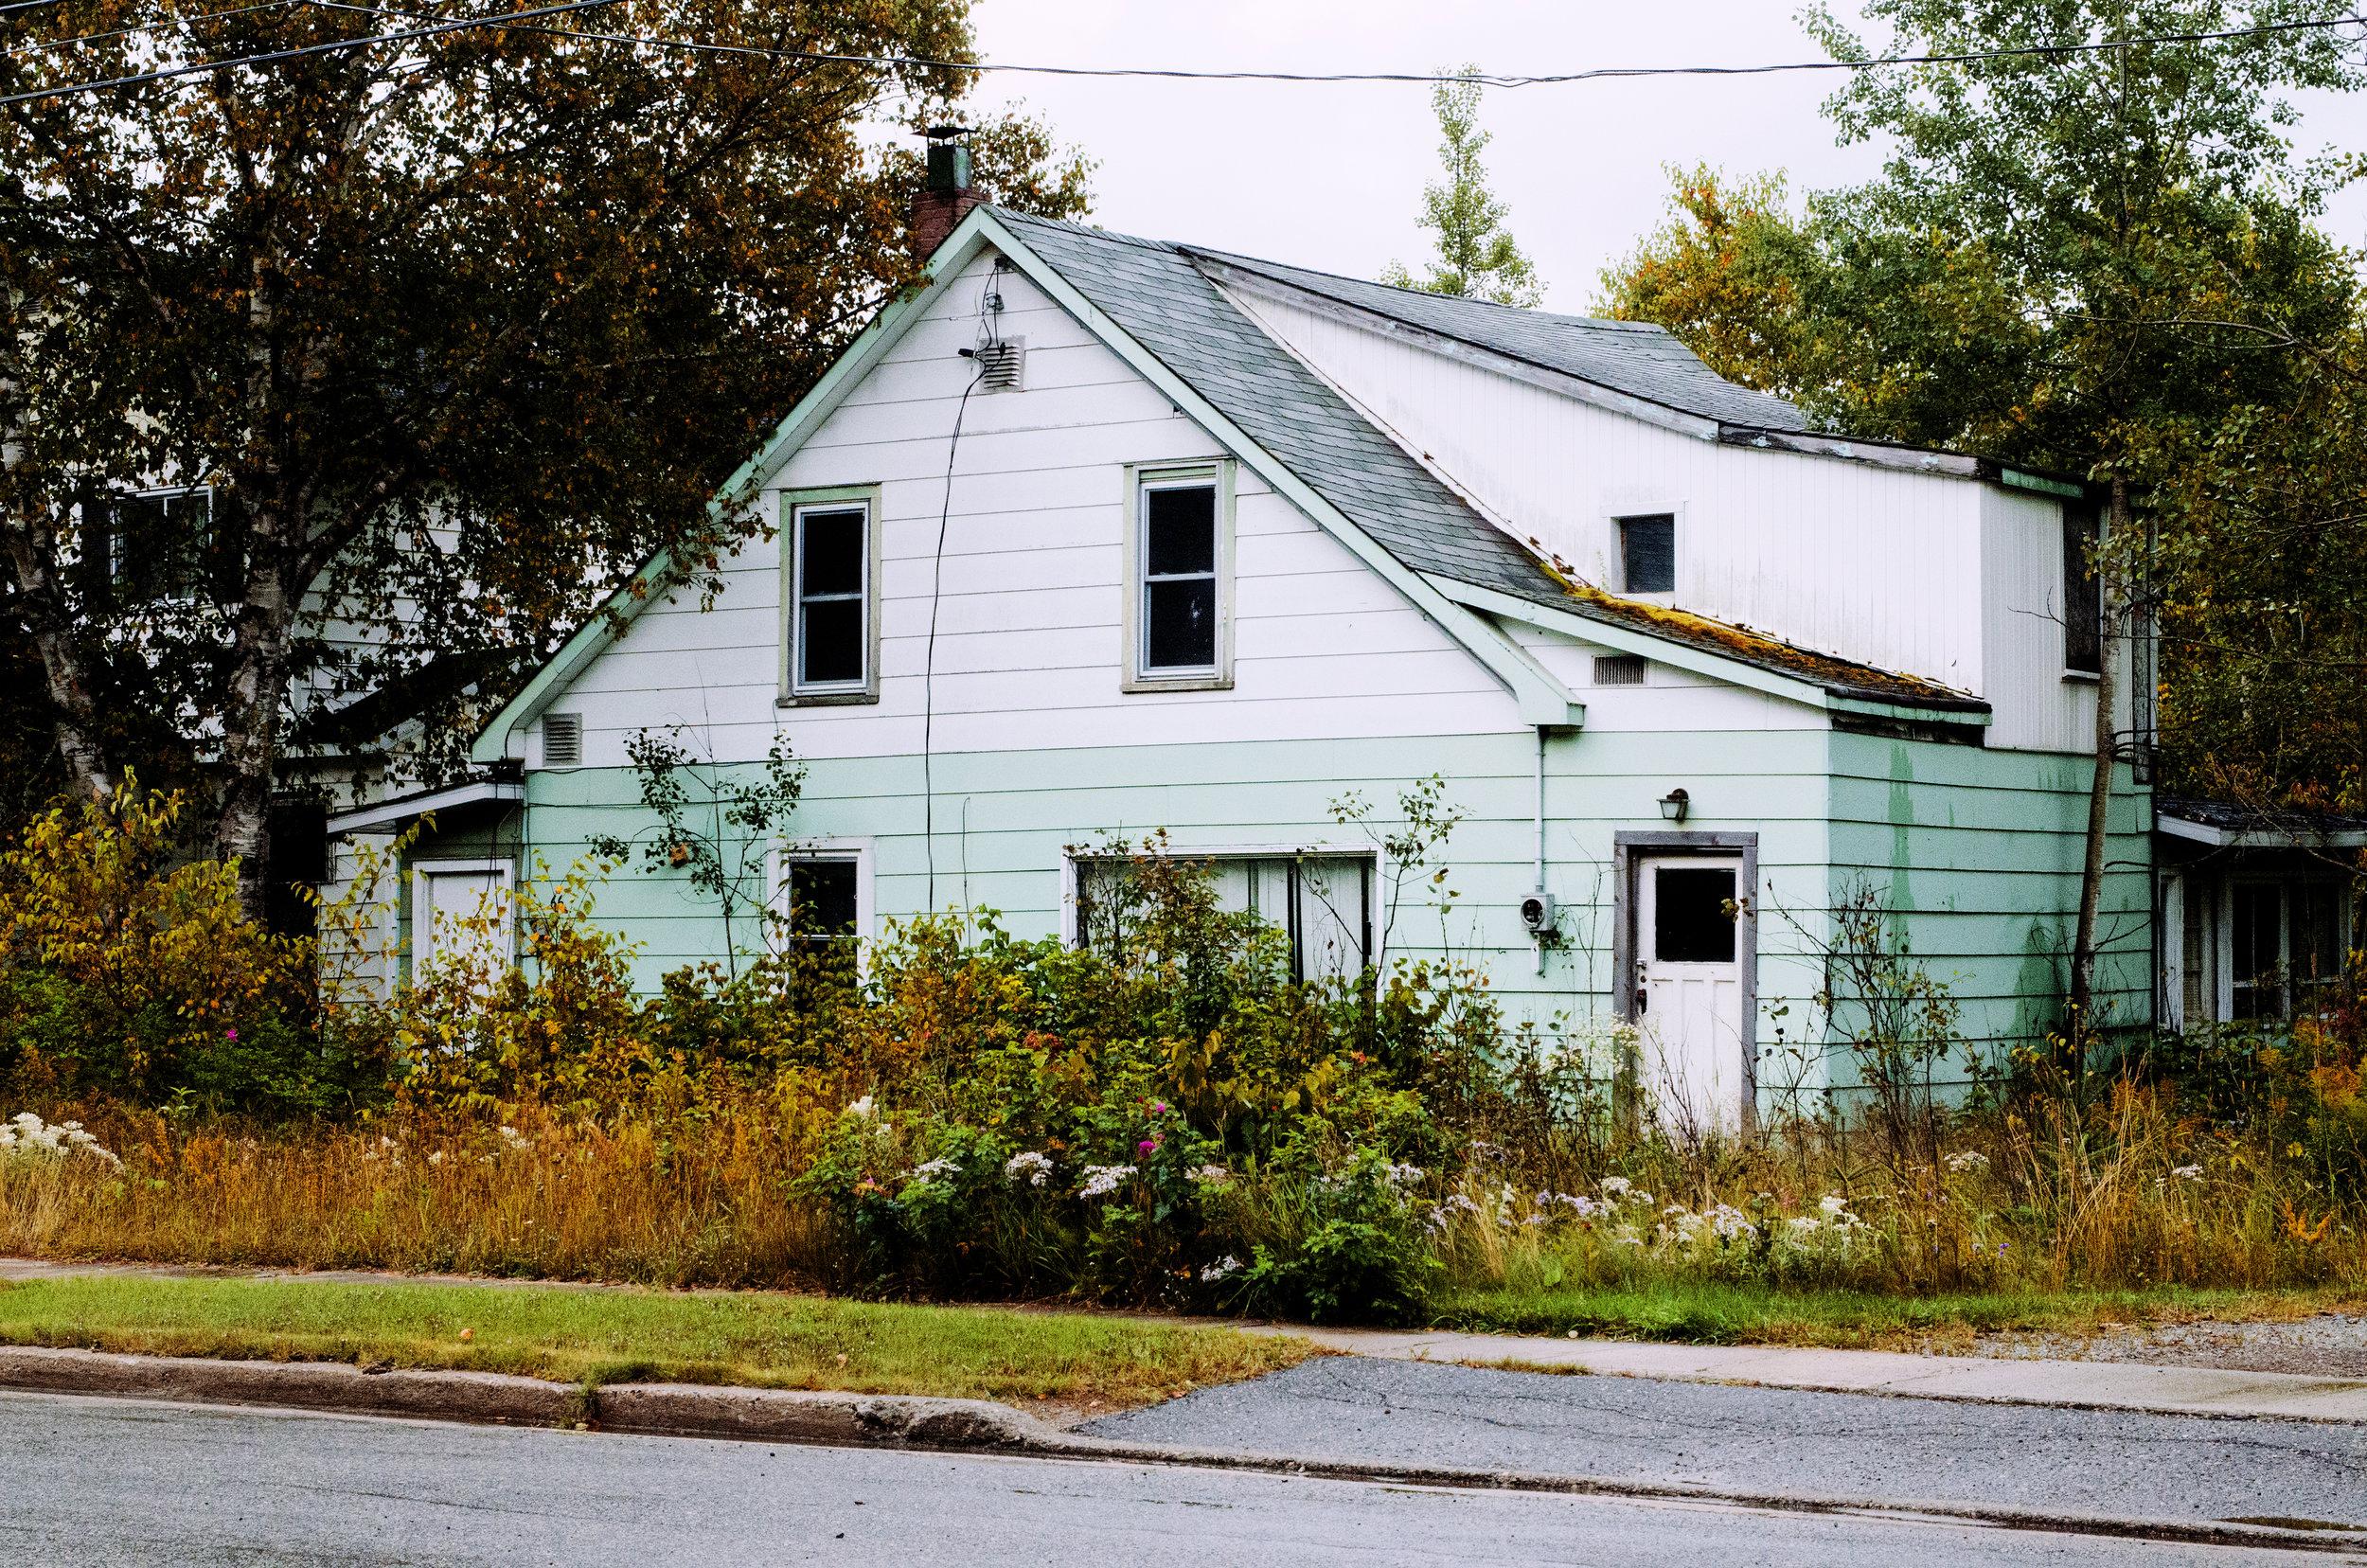 Jenkins, Cheyenne. Mint House. 2017. Digital Photography. Wawa, Ontario